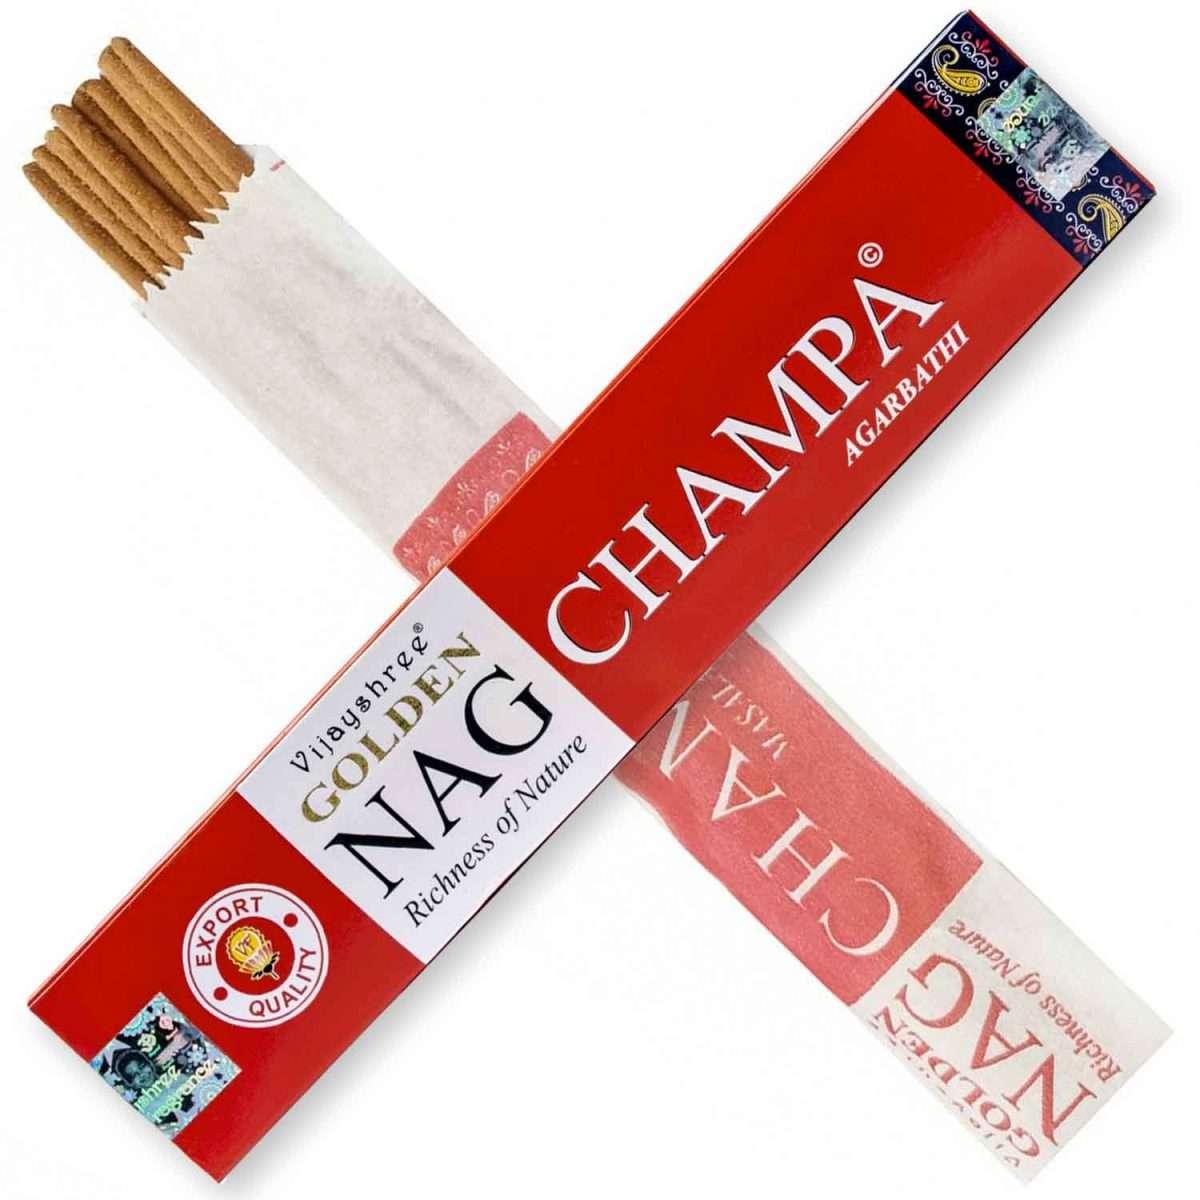 Golden Nag Champa Incienso 15g